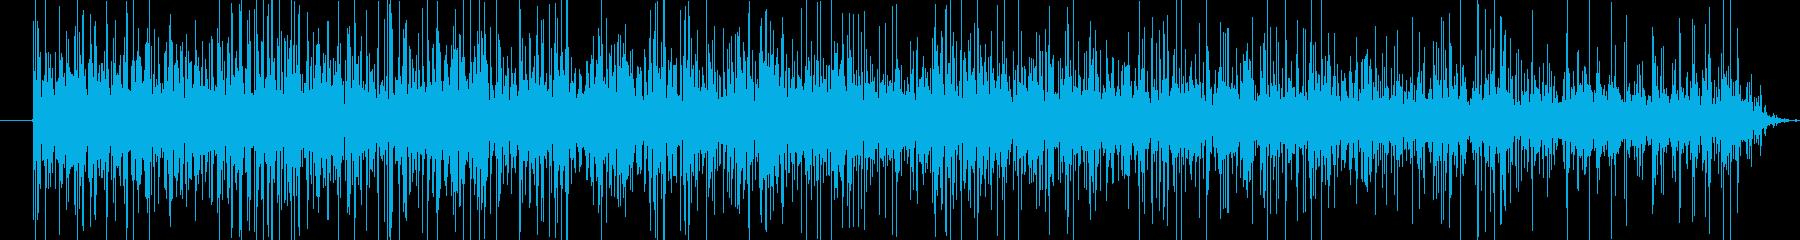 ジュワワーとしっかり揚げ物をする音の再生済みの波形